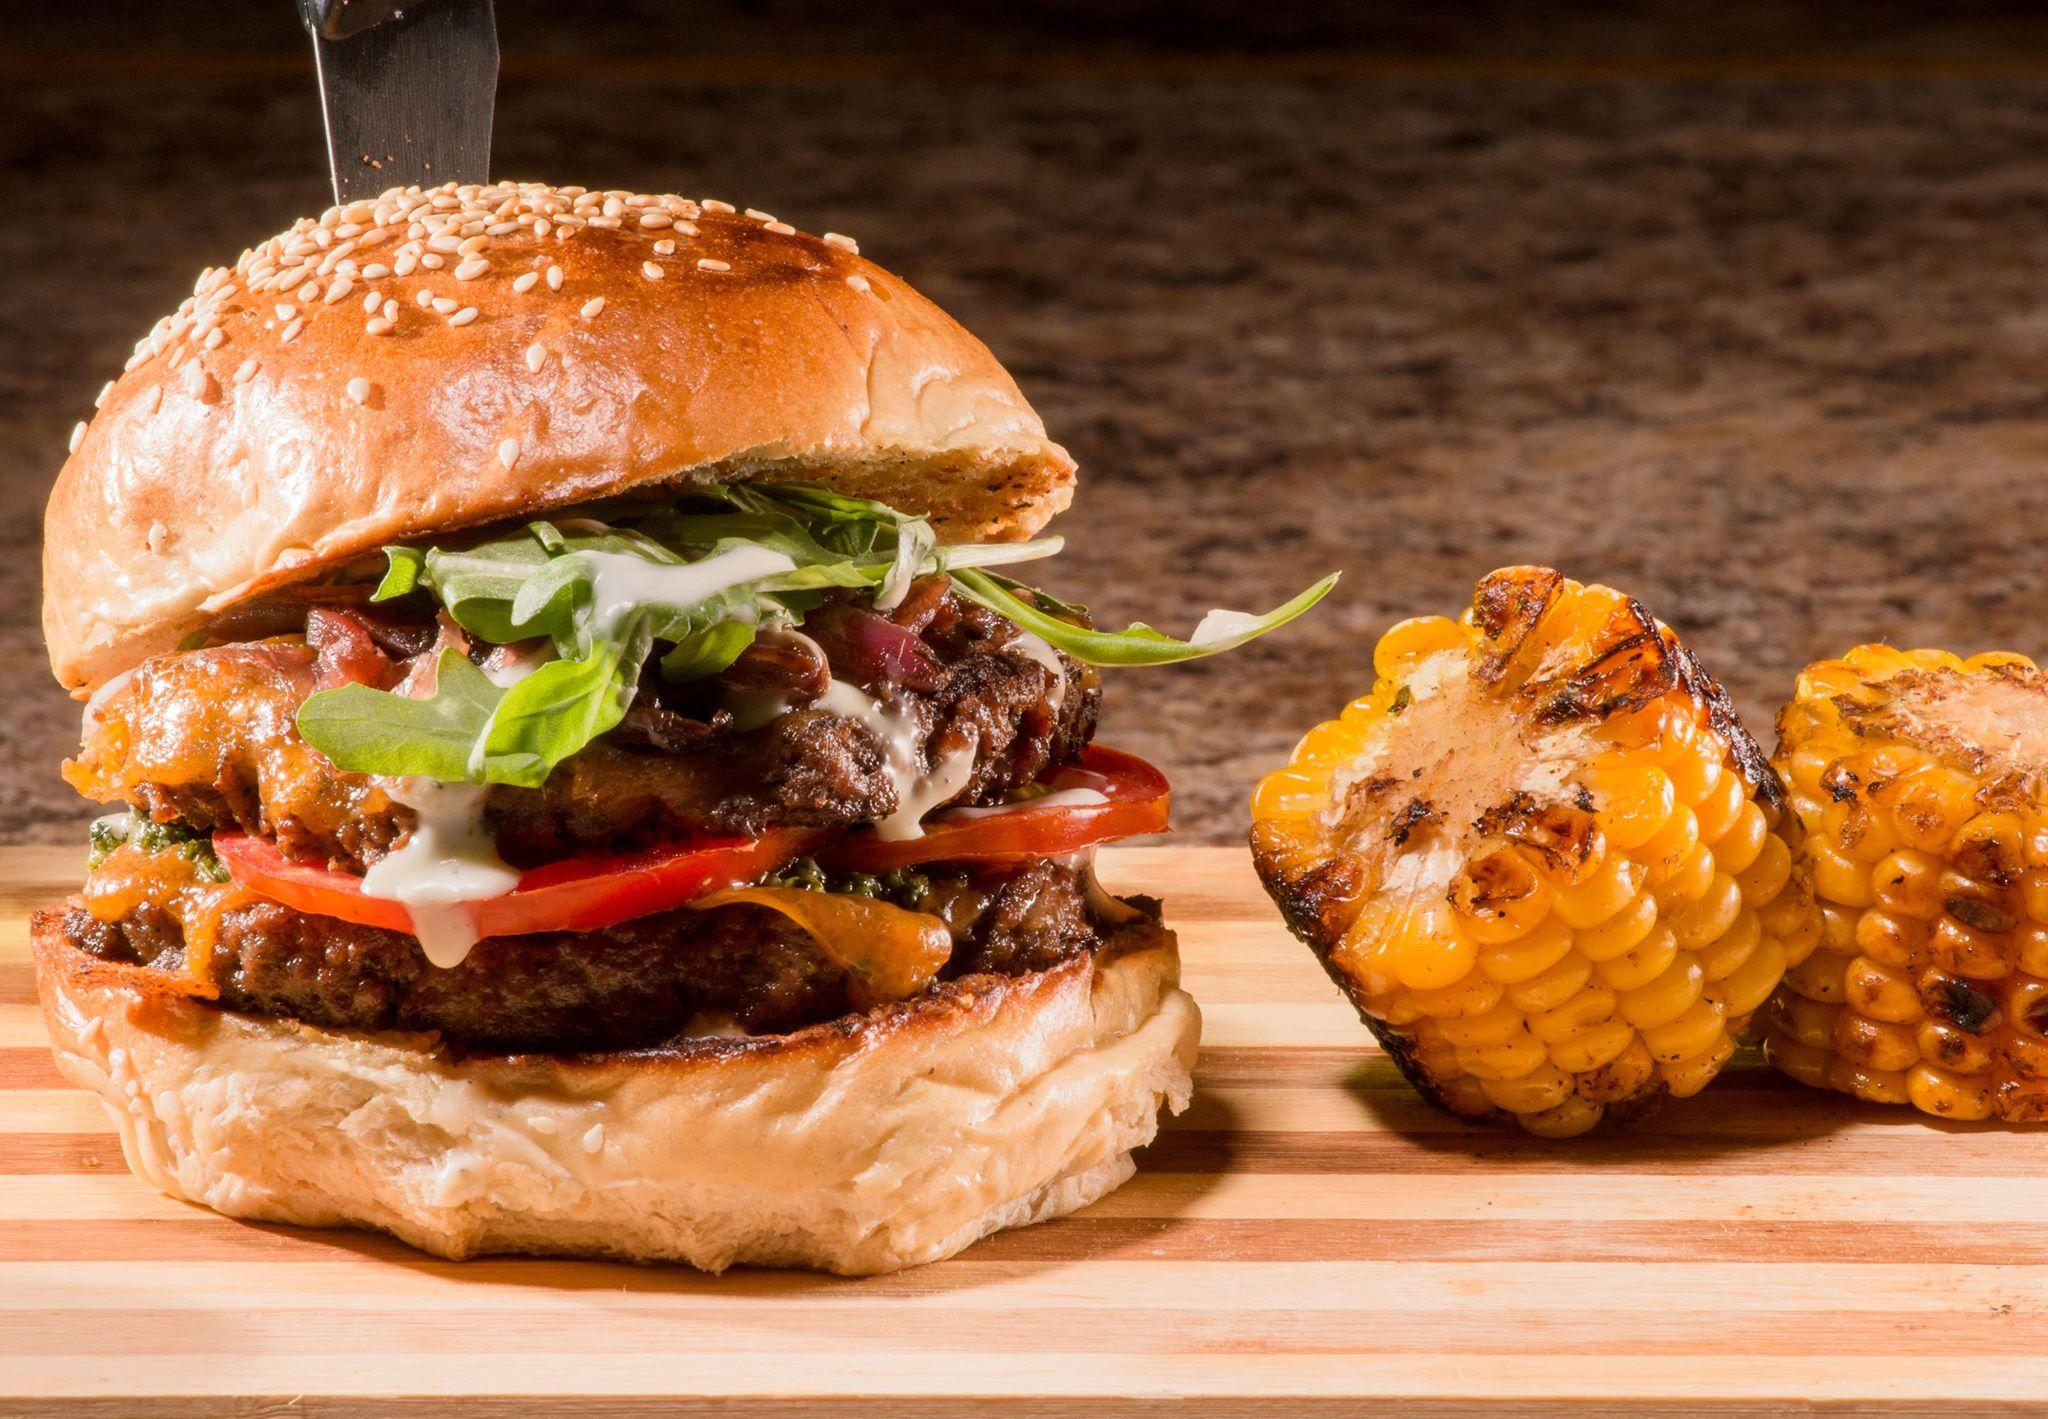 """Le """"Thug burger"""", proposé par Siwèl, un  des  restaurants figurés dans le line-up de l'édition 2019 du festival./Photo: Fournie par Carla Beauvais."""